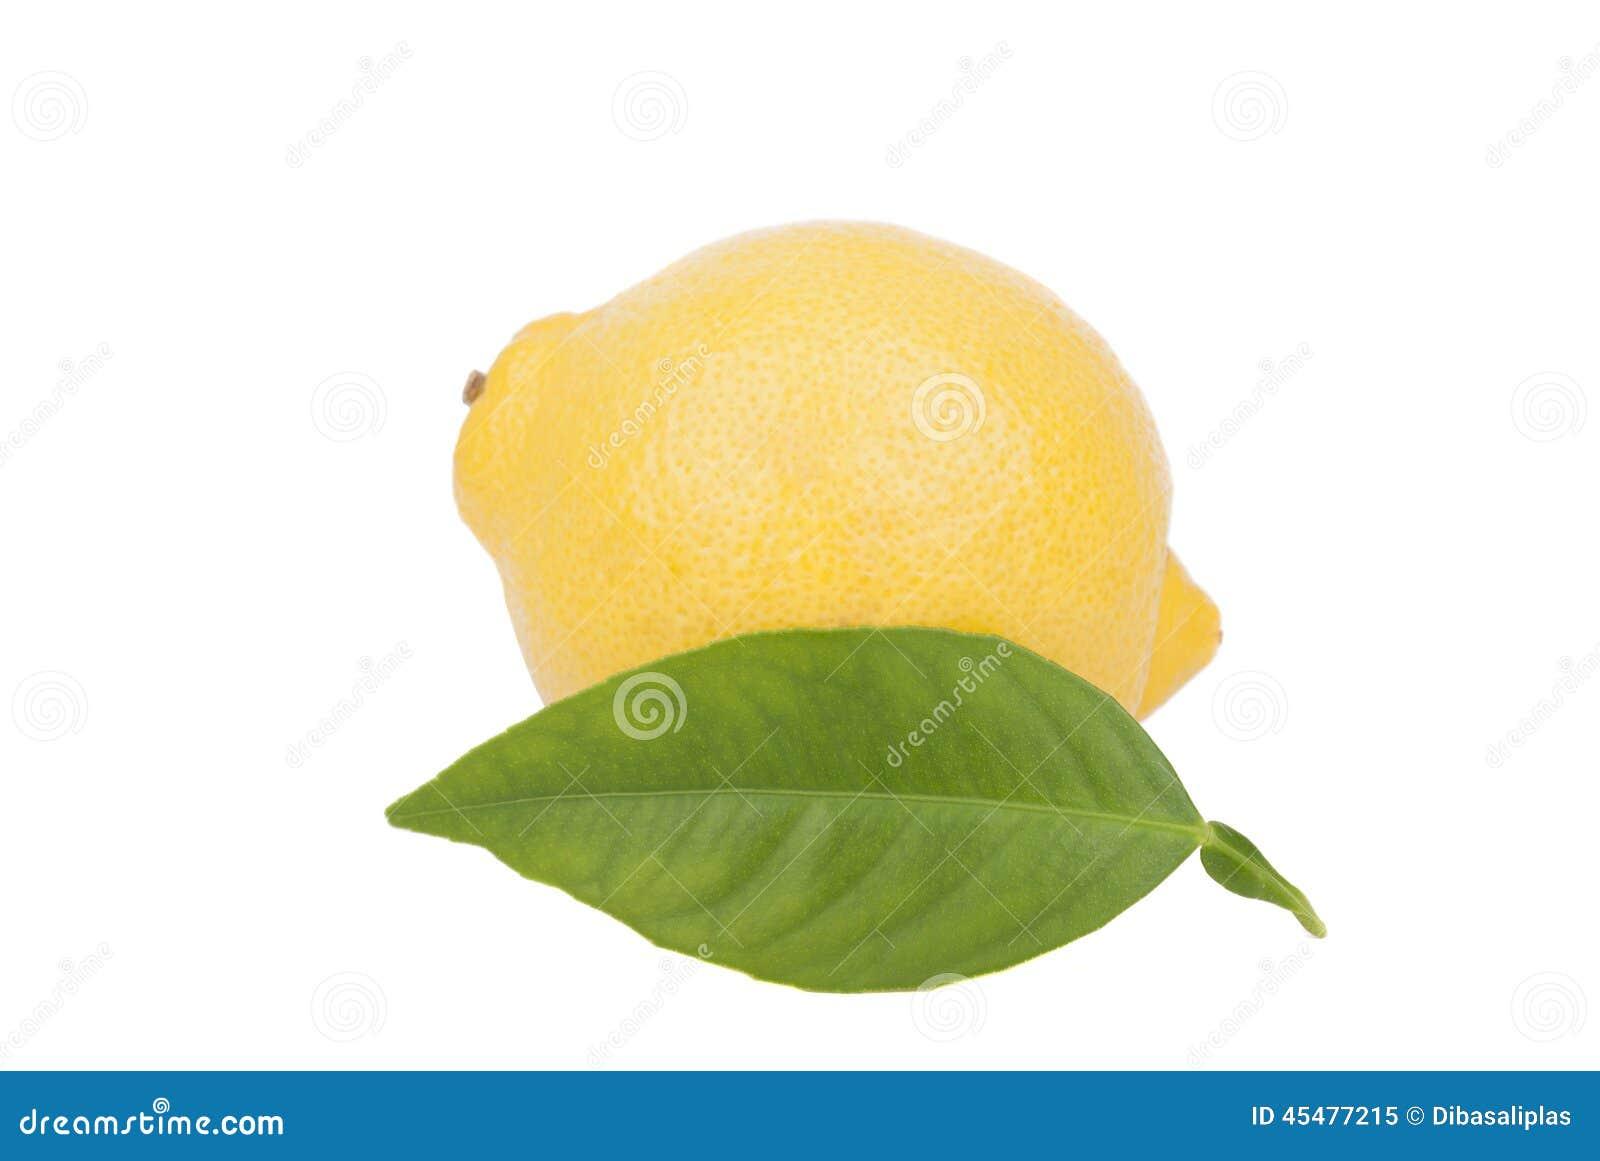 与叶子的柠檬